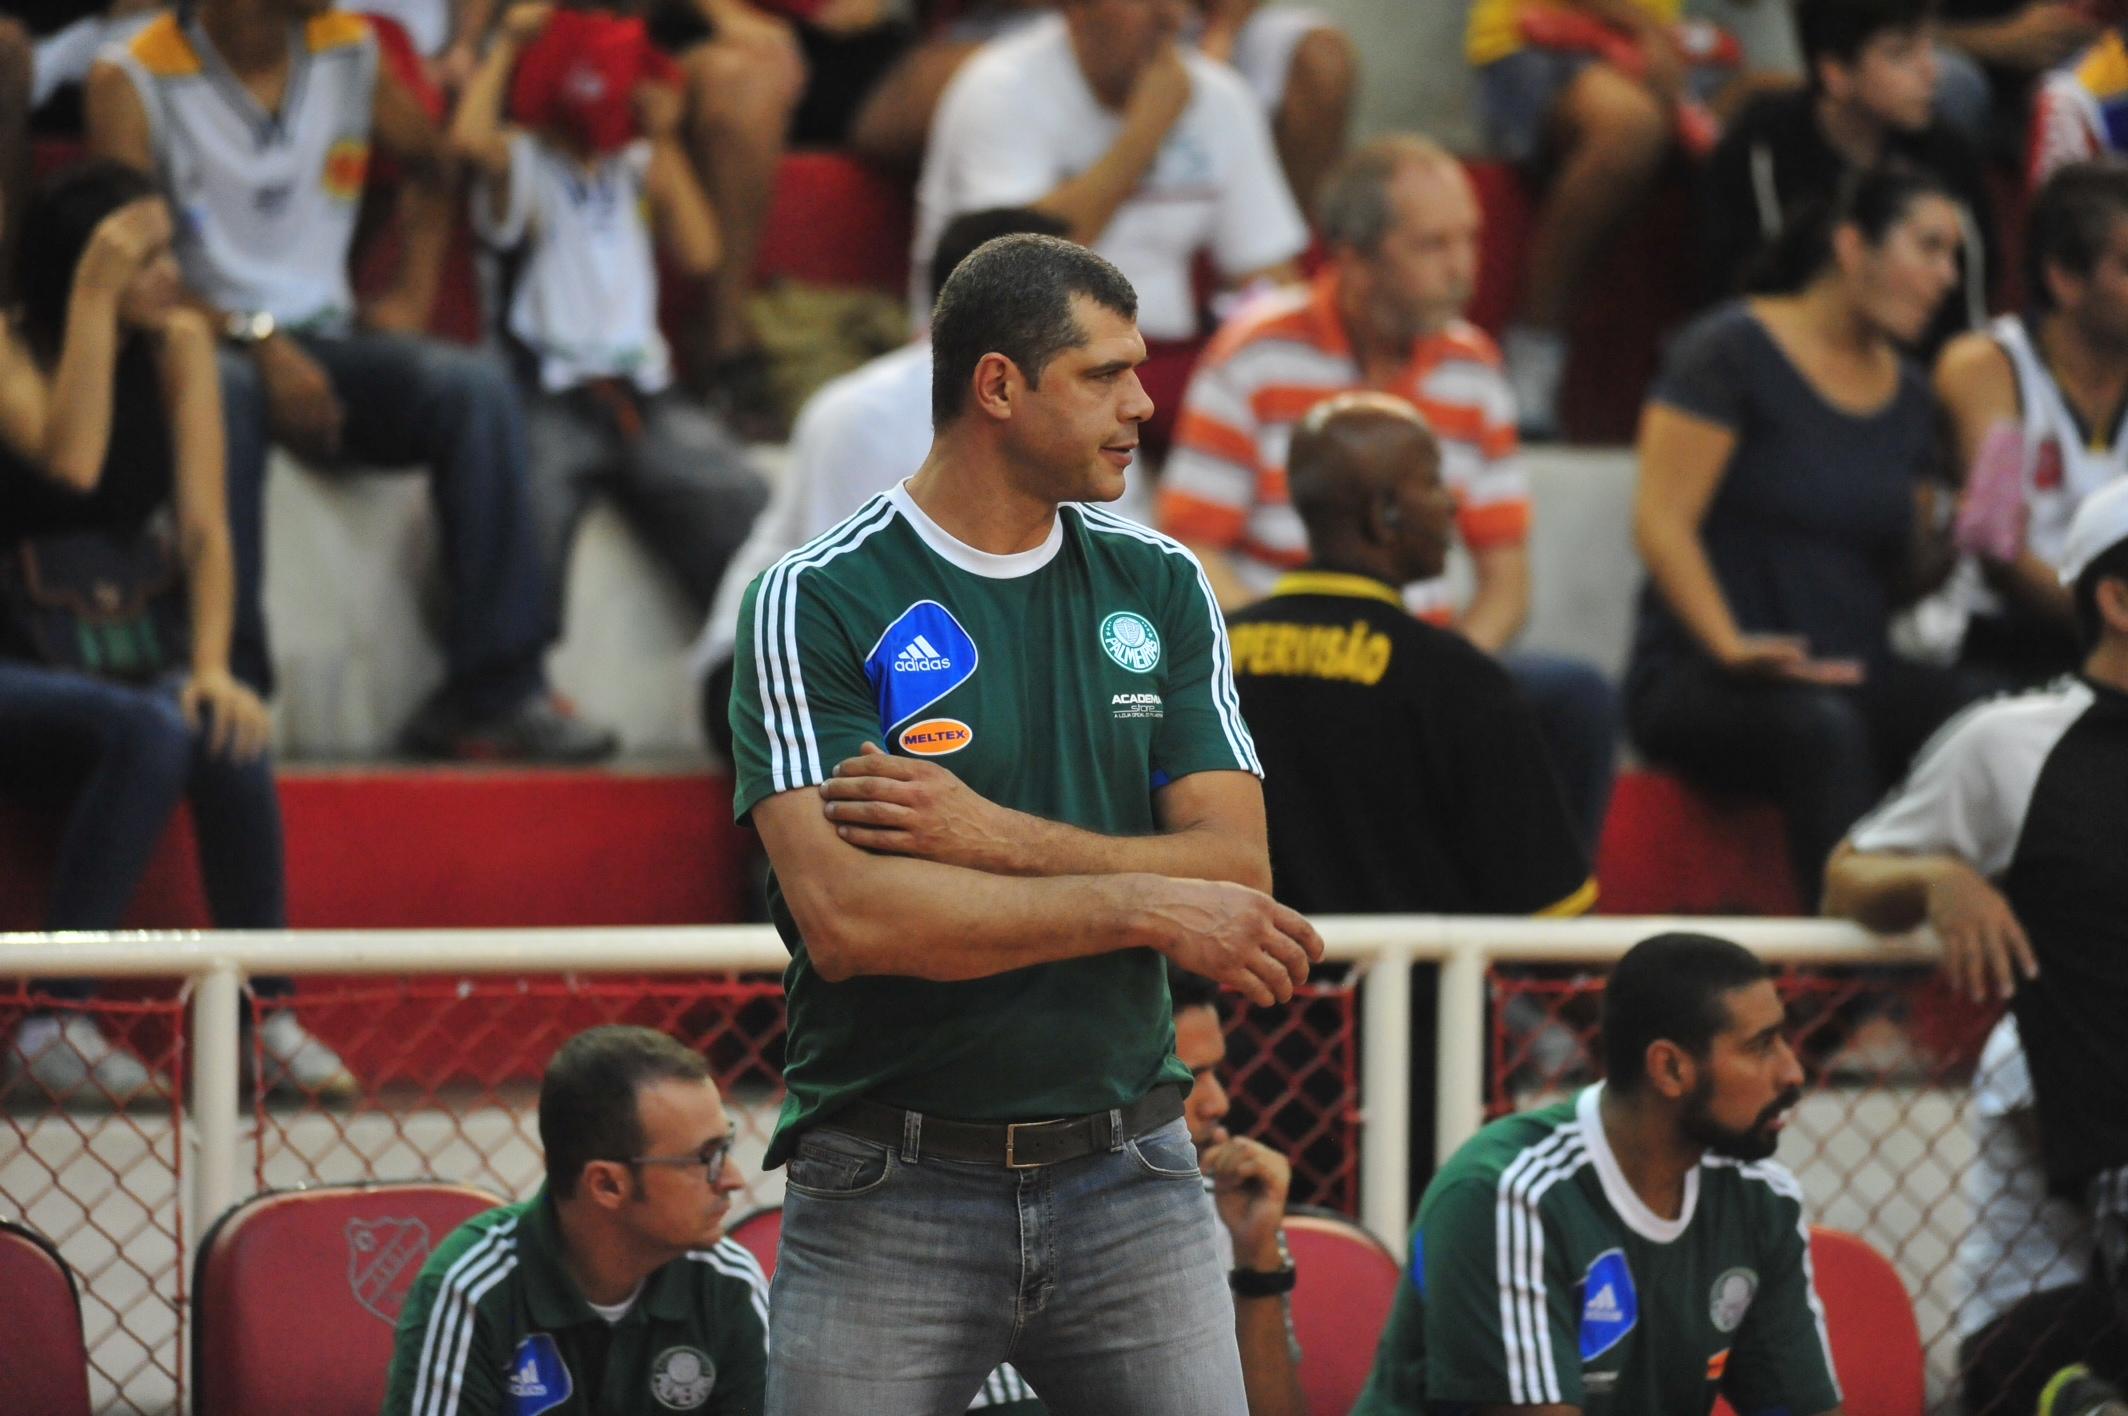 Técnico Betão, do Palmeiras